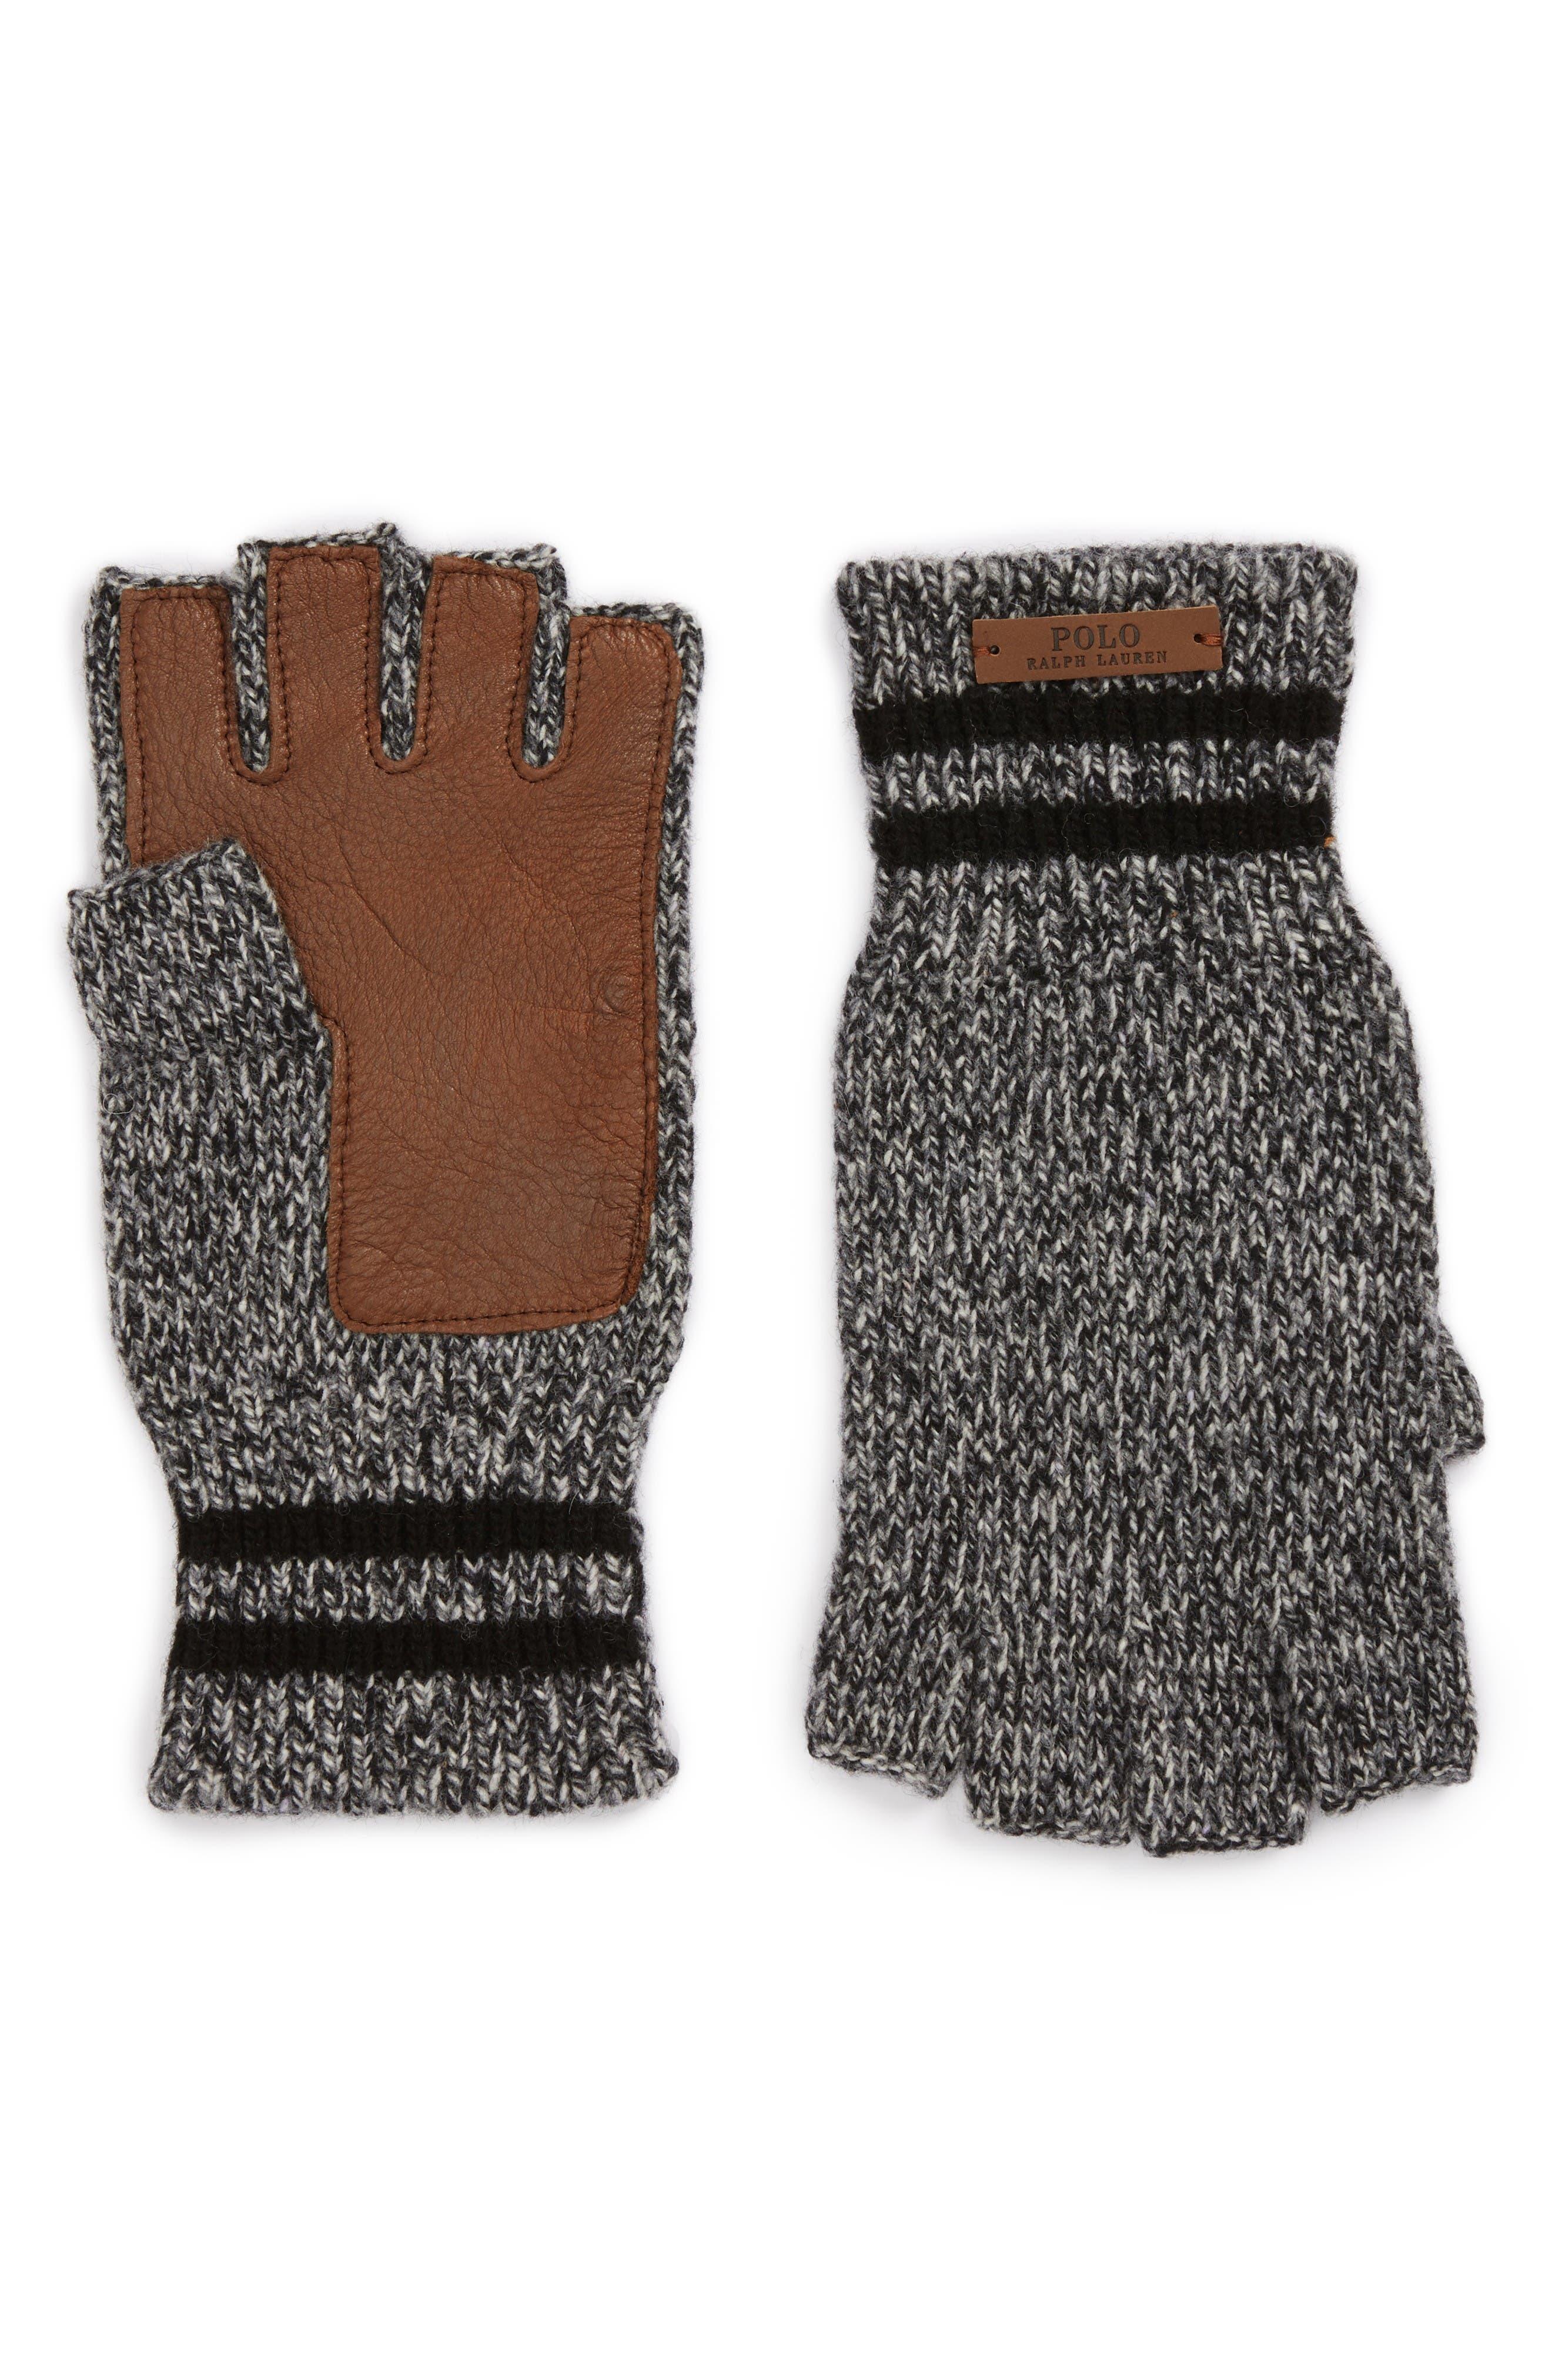 Alternate Image 1 Selected - Polo Ralph Lauren Ragg Merino Wool Blend Fingerless Gloves